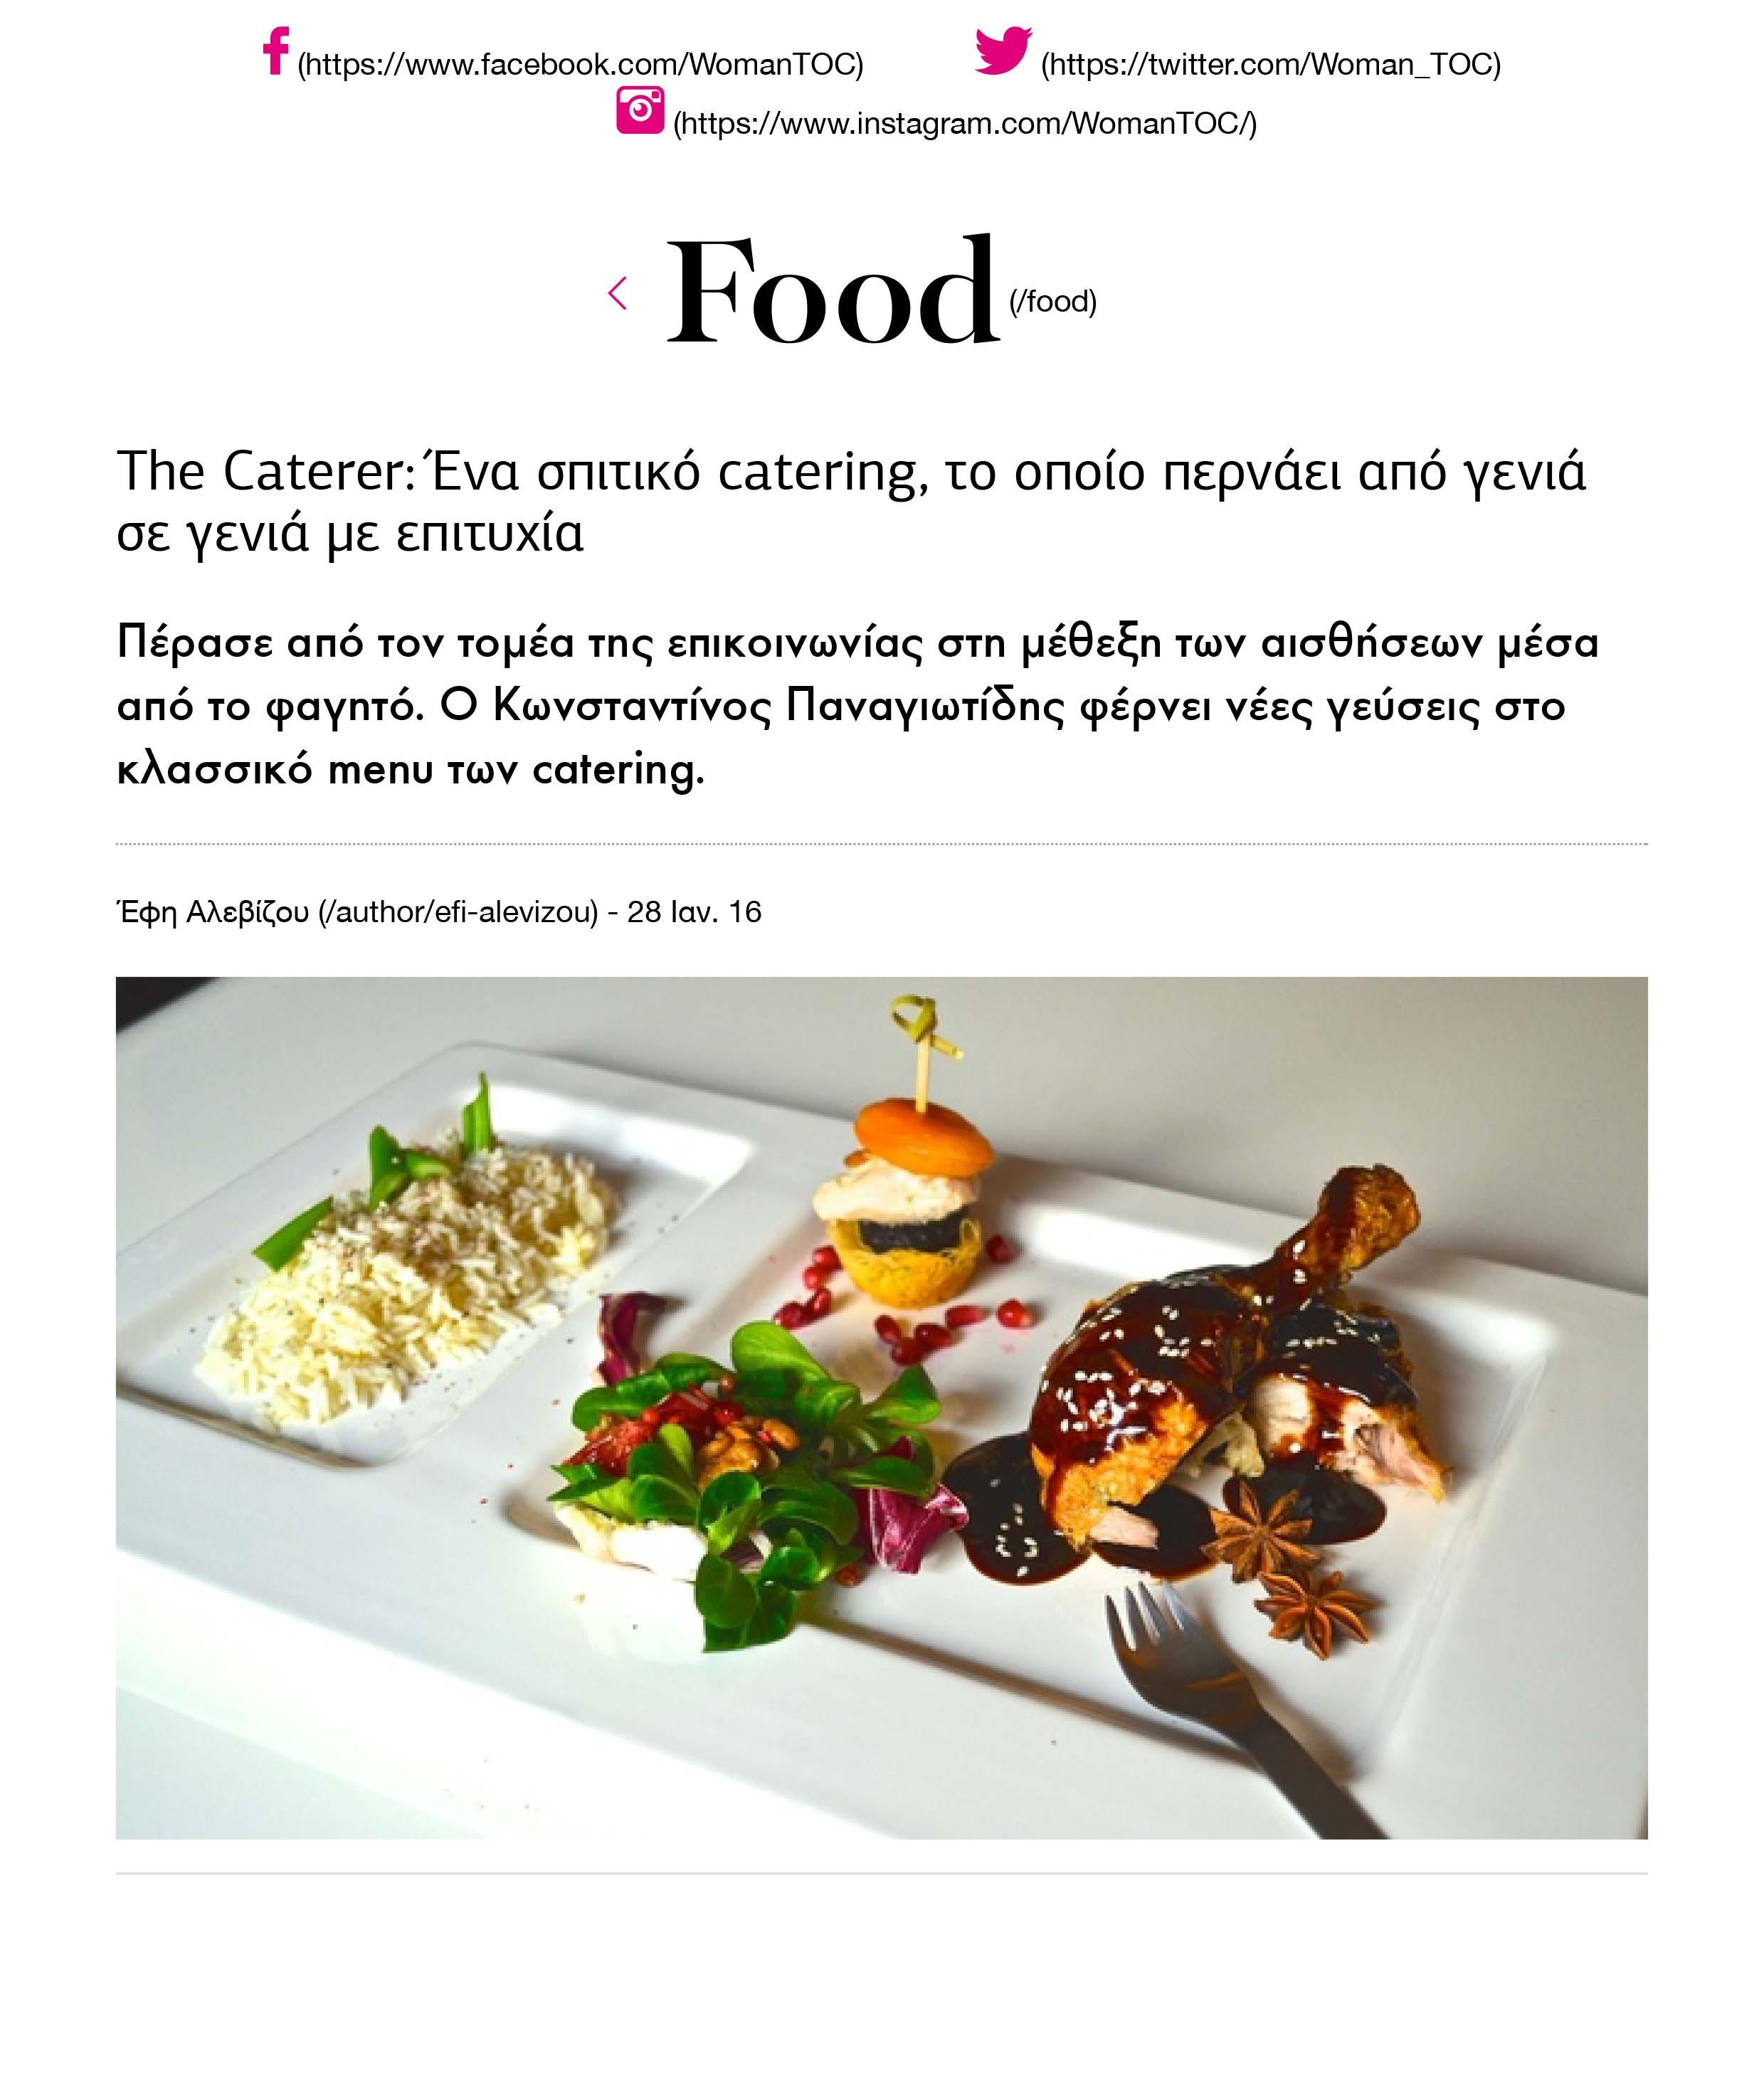 Τhe Caterer: Ένα σπιτικό catering, το ο...ε γε